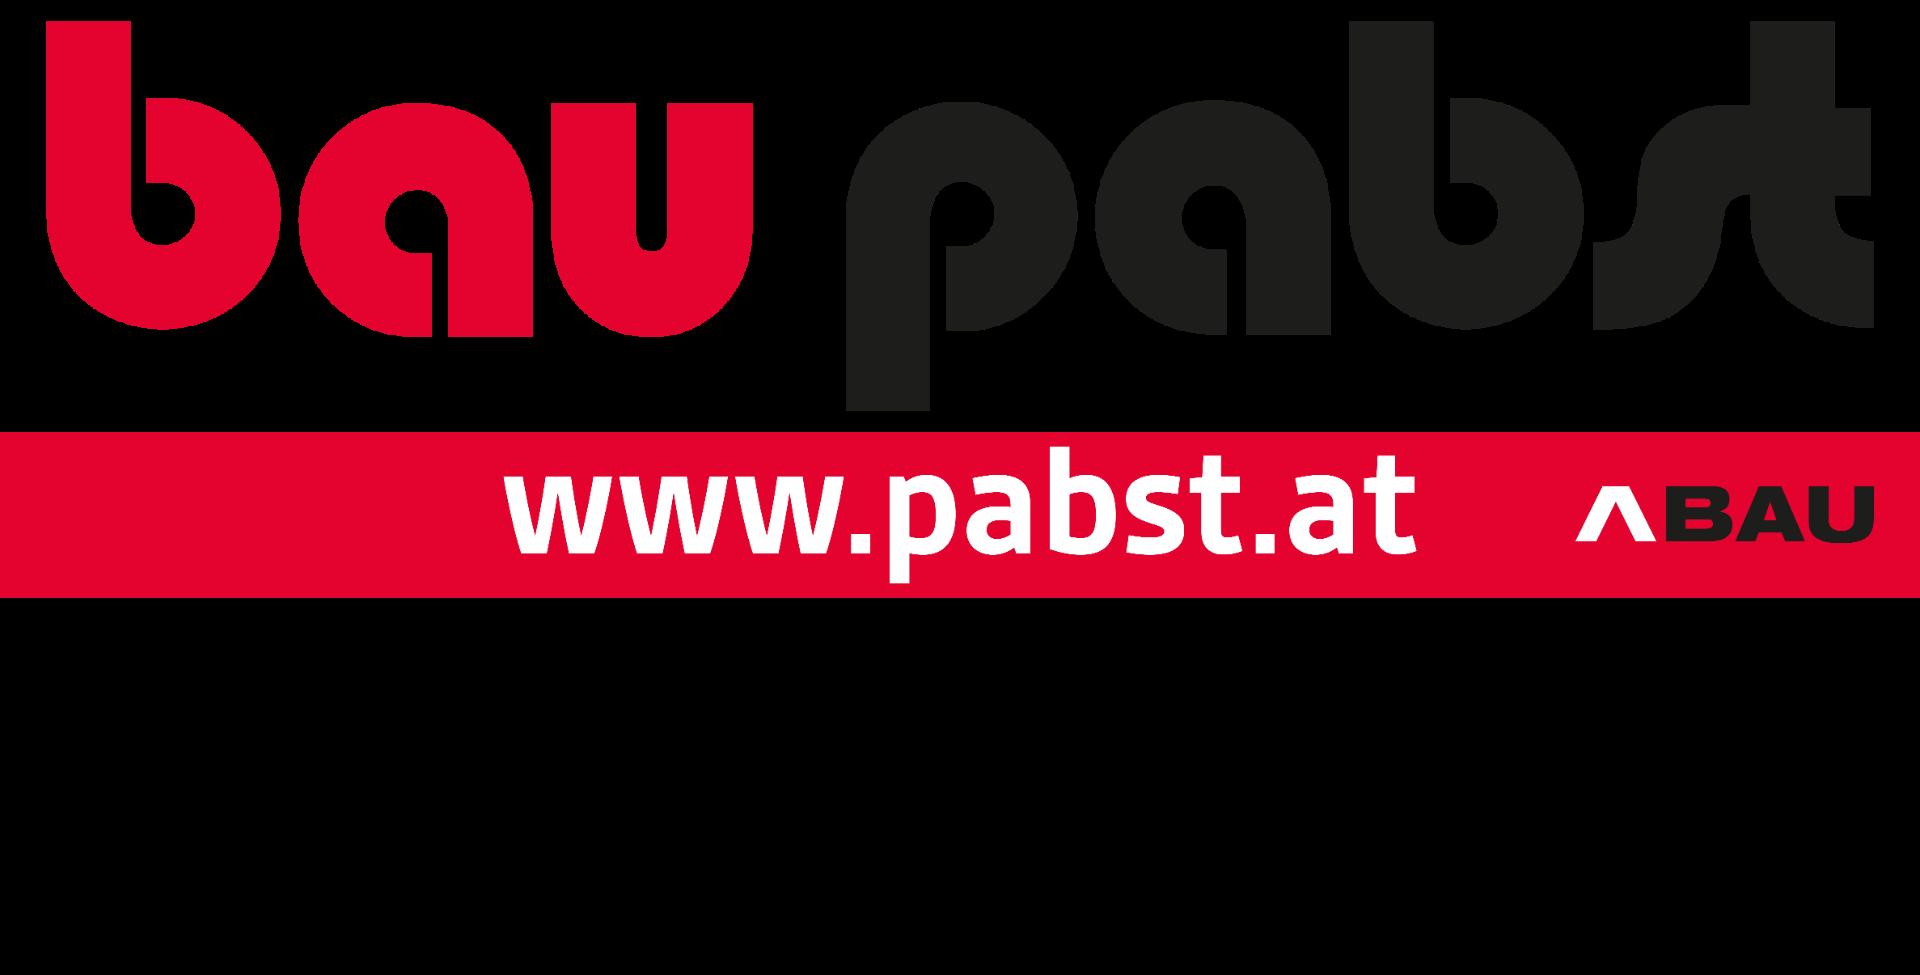 Pabst NEU.png